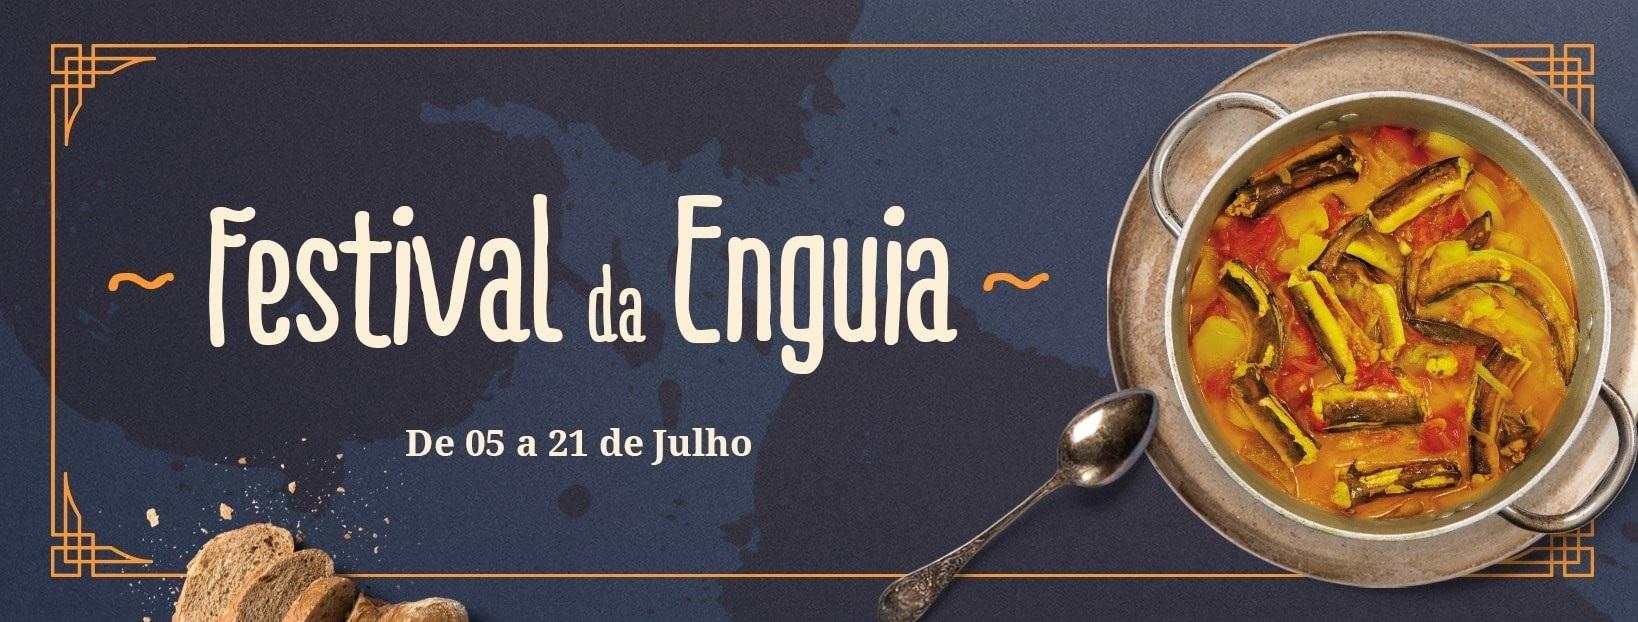 enguiafestival